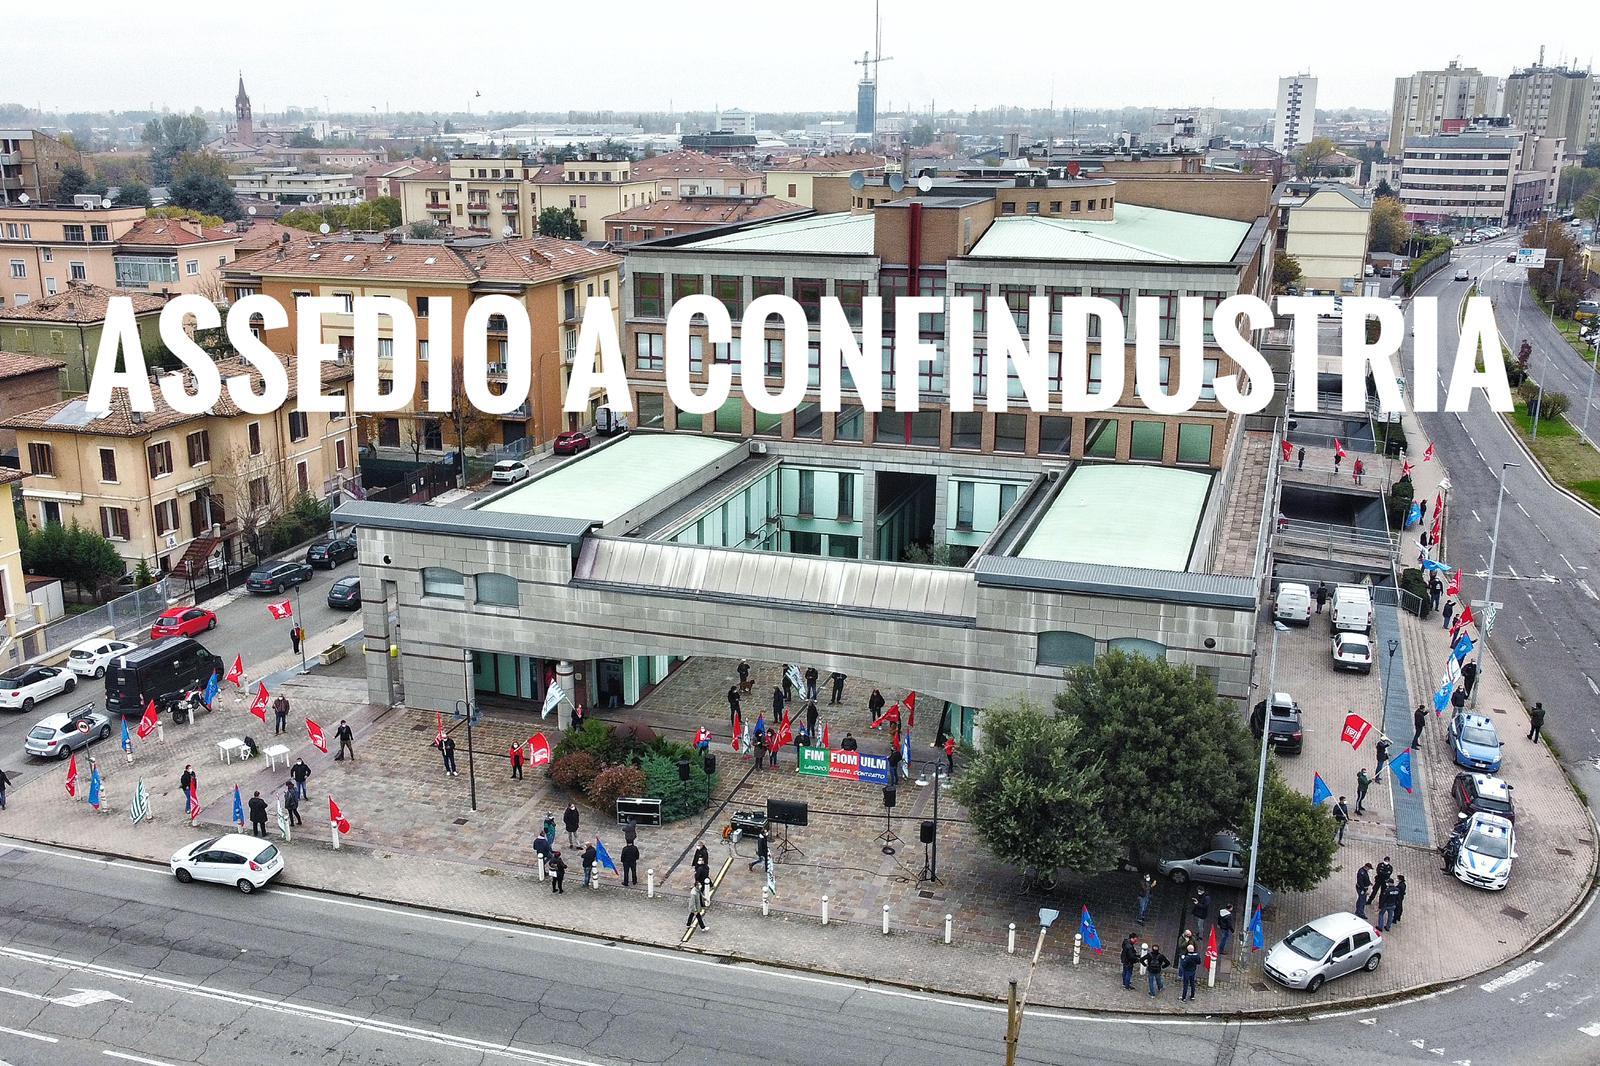 presidio confindustria sciopero metalmeccanici, 5.11.20